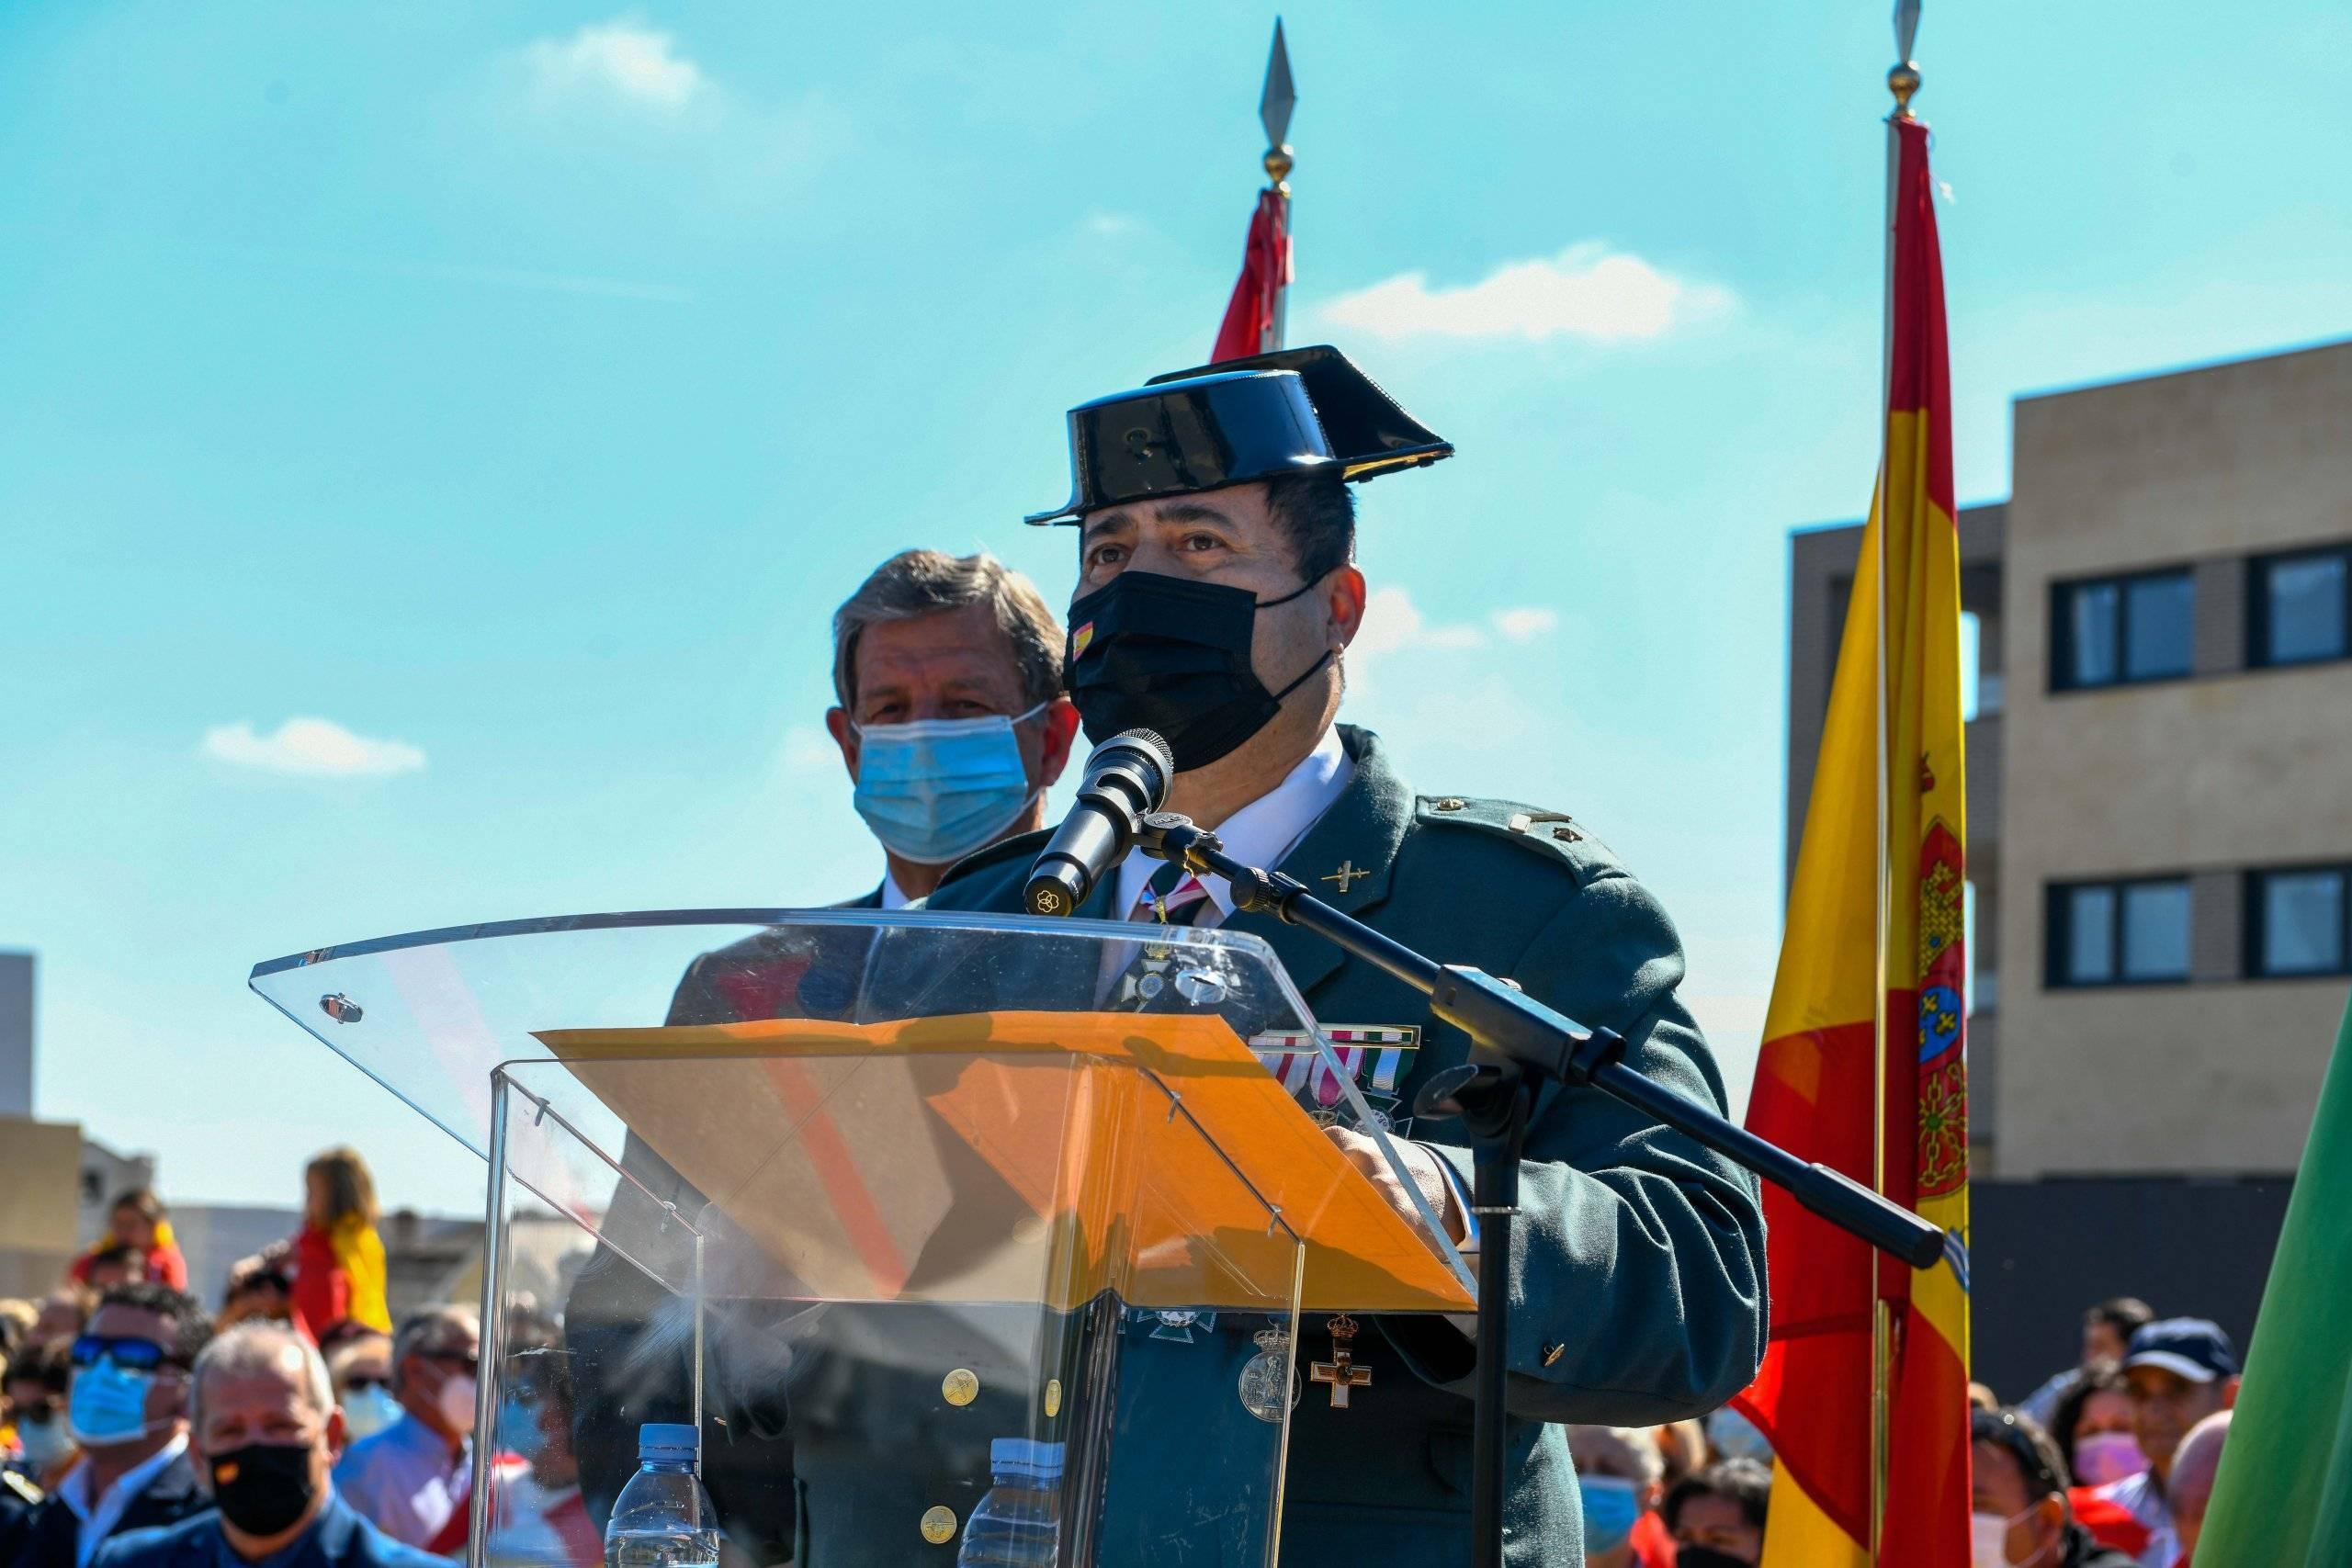 Momento del discurso del subteniente jefe del cuartel de la Guardia Civil.